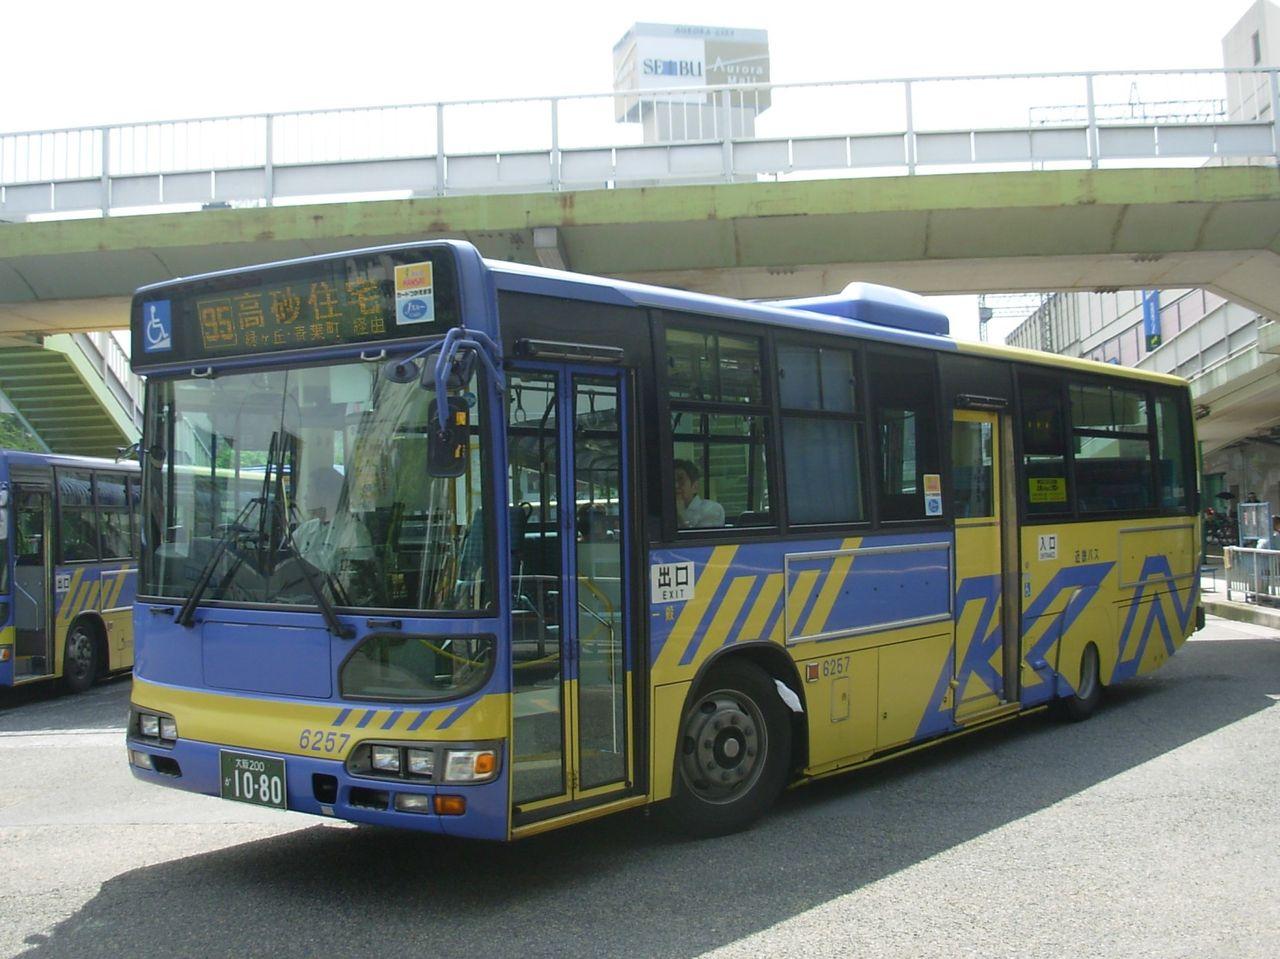 大阪200か1080(近鉄バス6257) : 日吉の空から